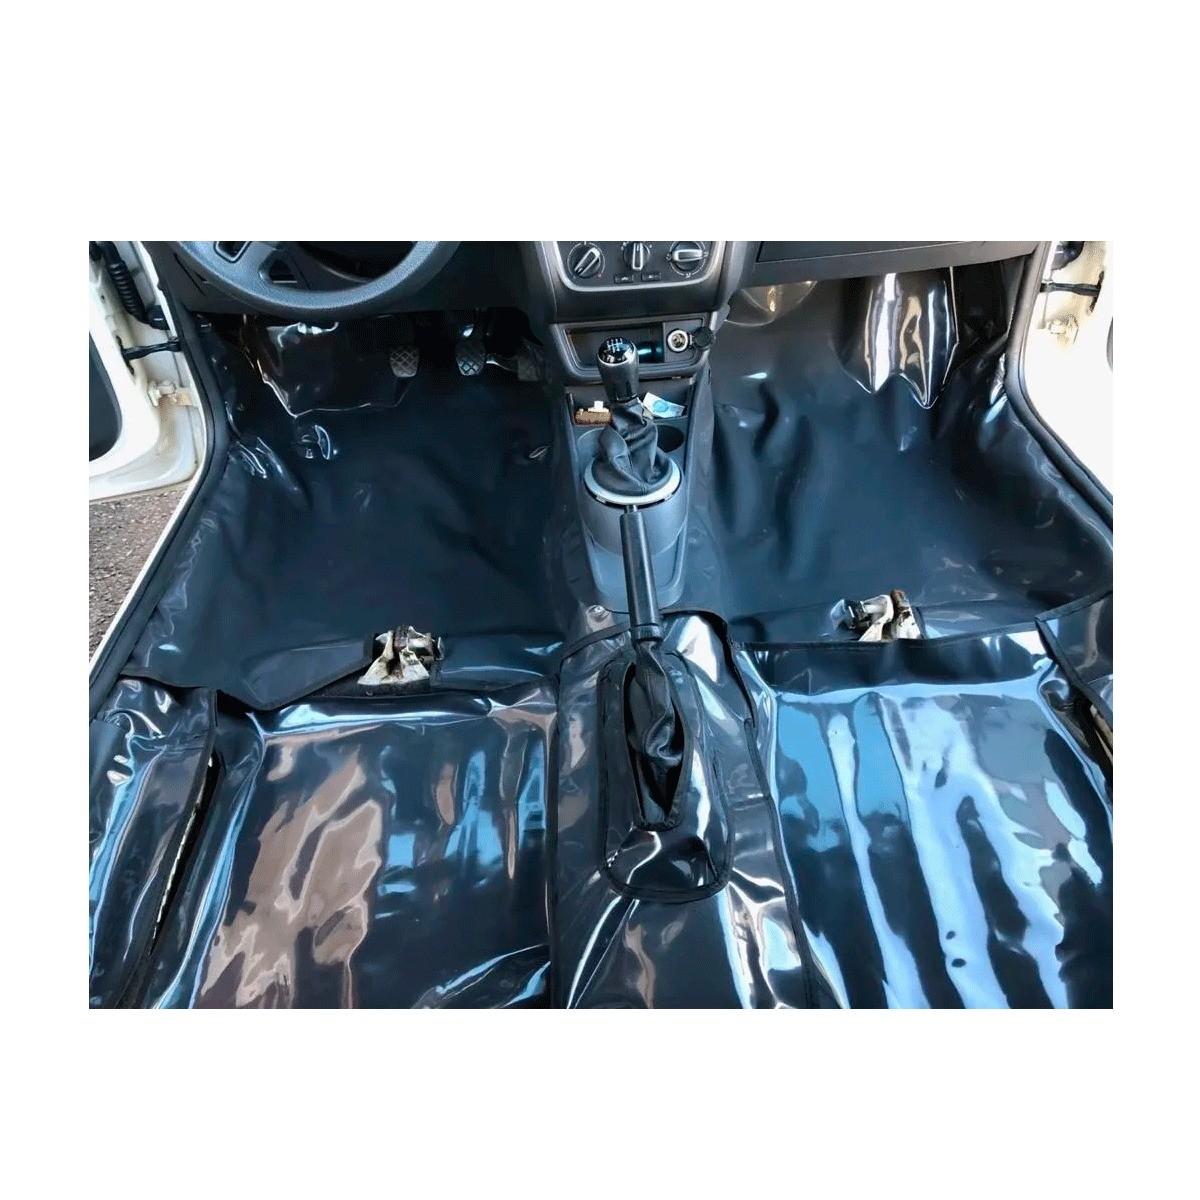 Tapete Proteção Assoalho do Renault Logan 2013 a 2020 em Vinil Verniz Impermeável